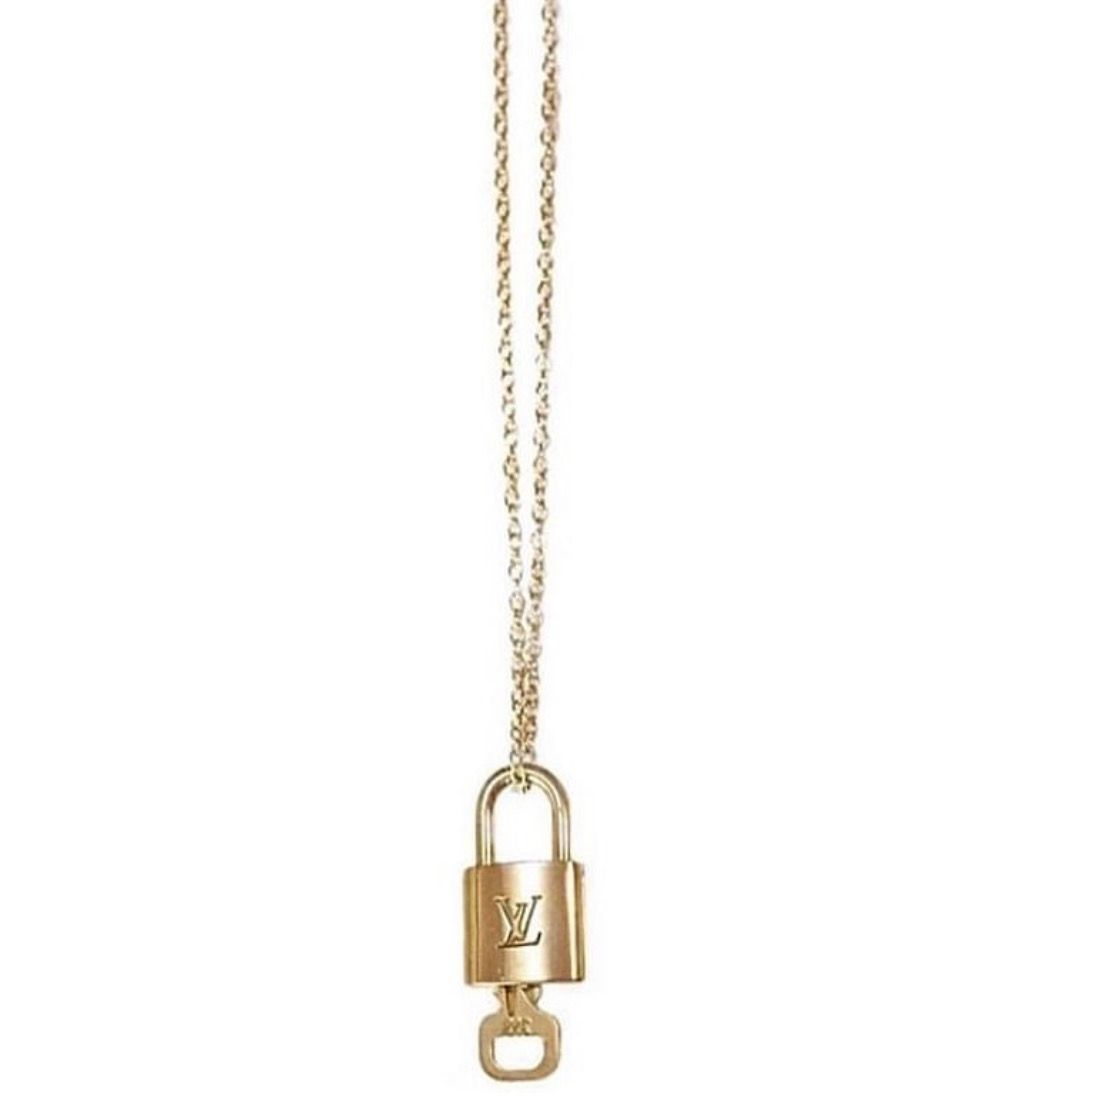 Louis Vuitton necklace 750kr först till kvarn. Accessoarer.